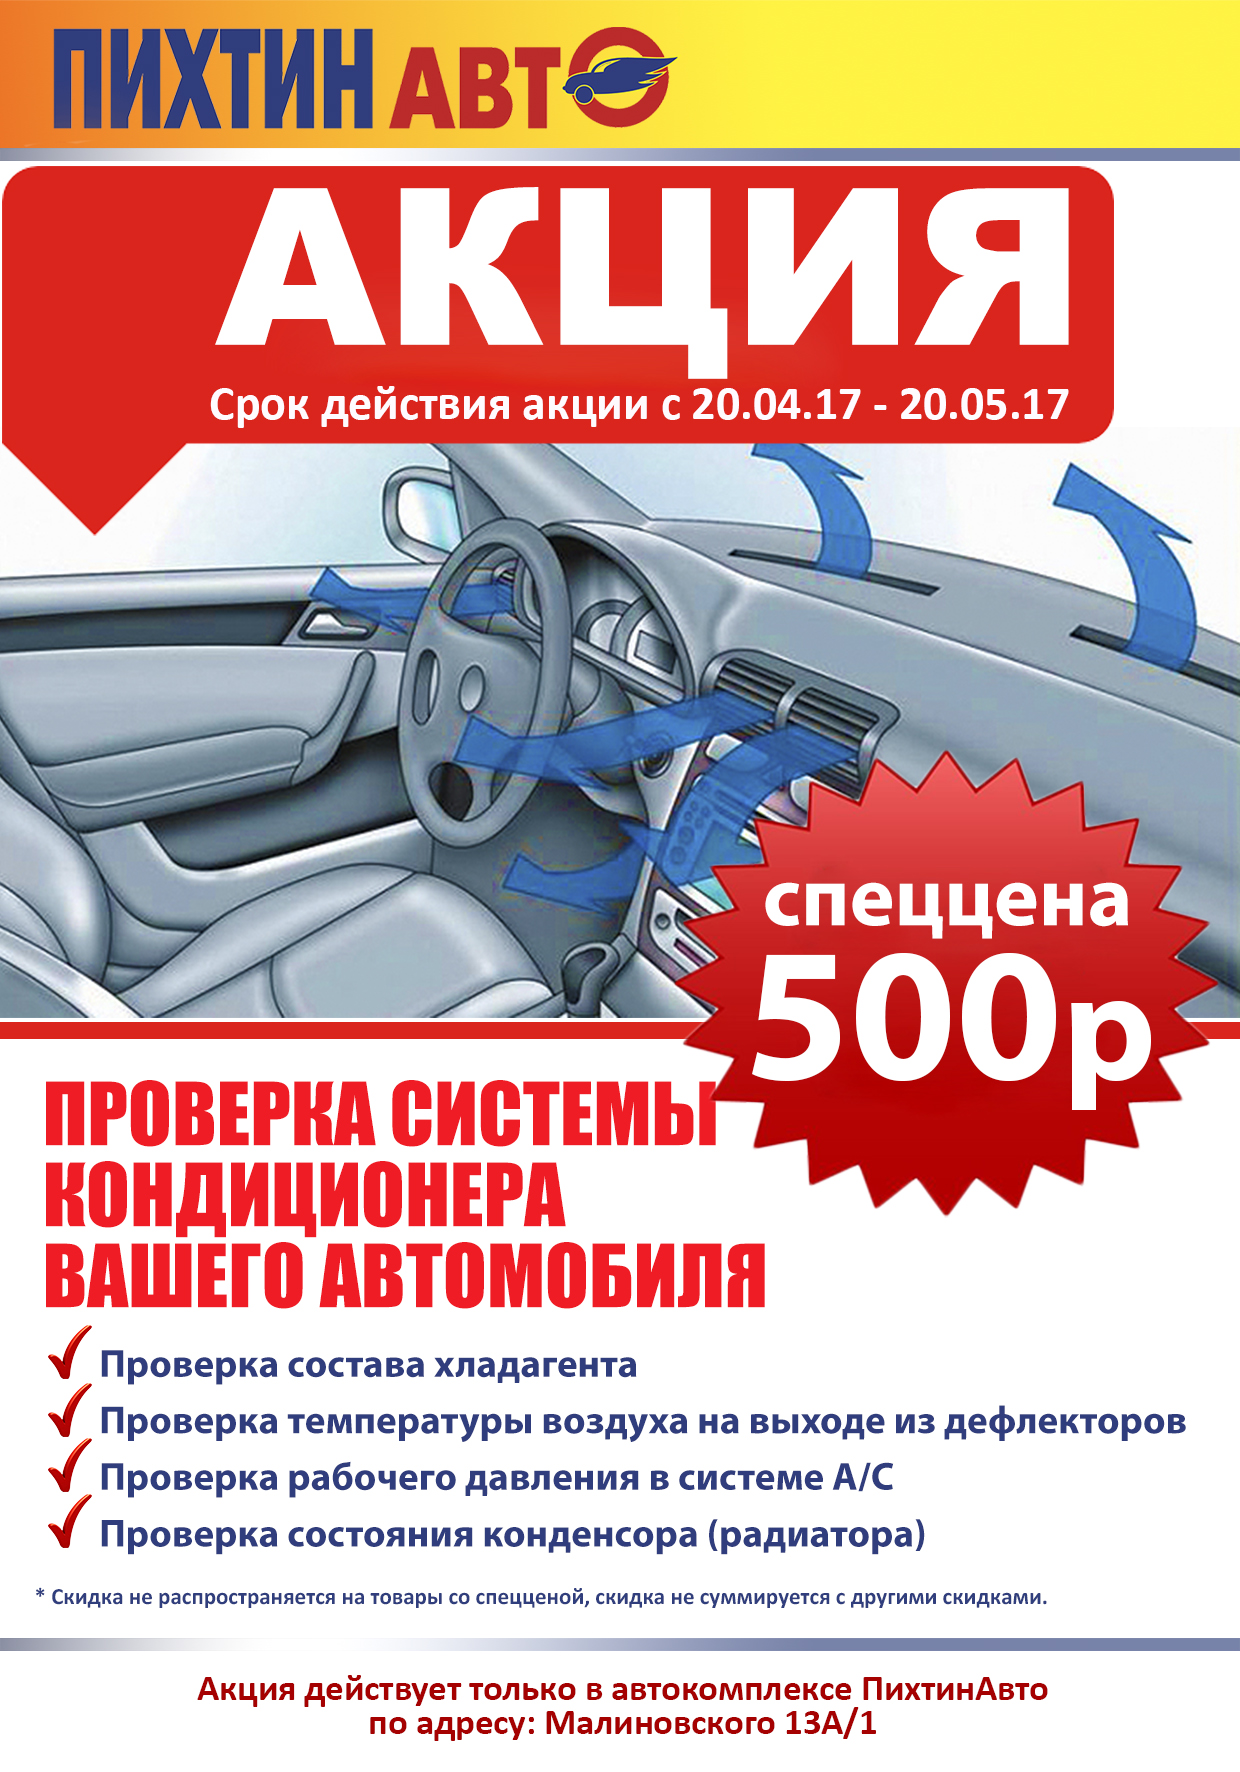 Акция! Проверка кондиционера Вашего автомобиля за 500 руб!